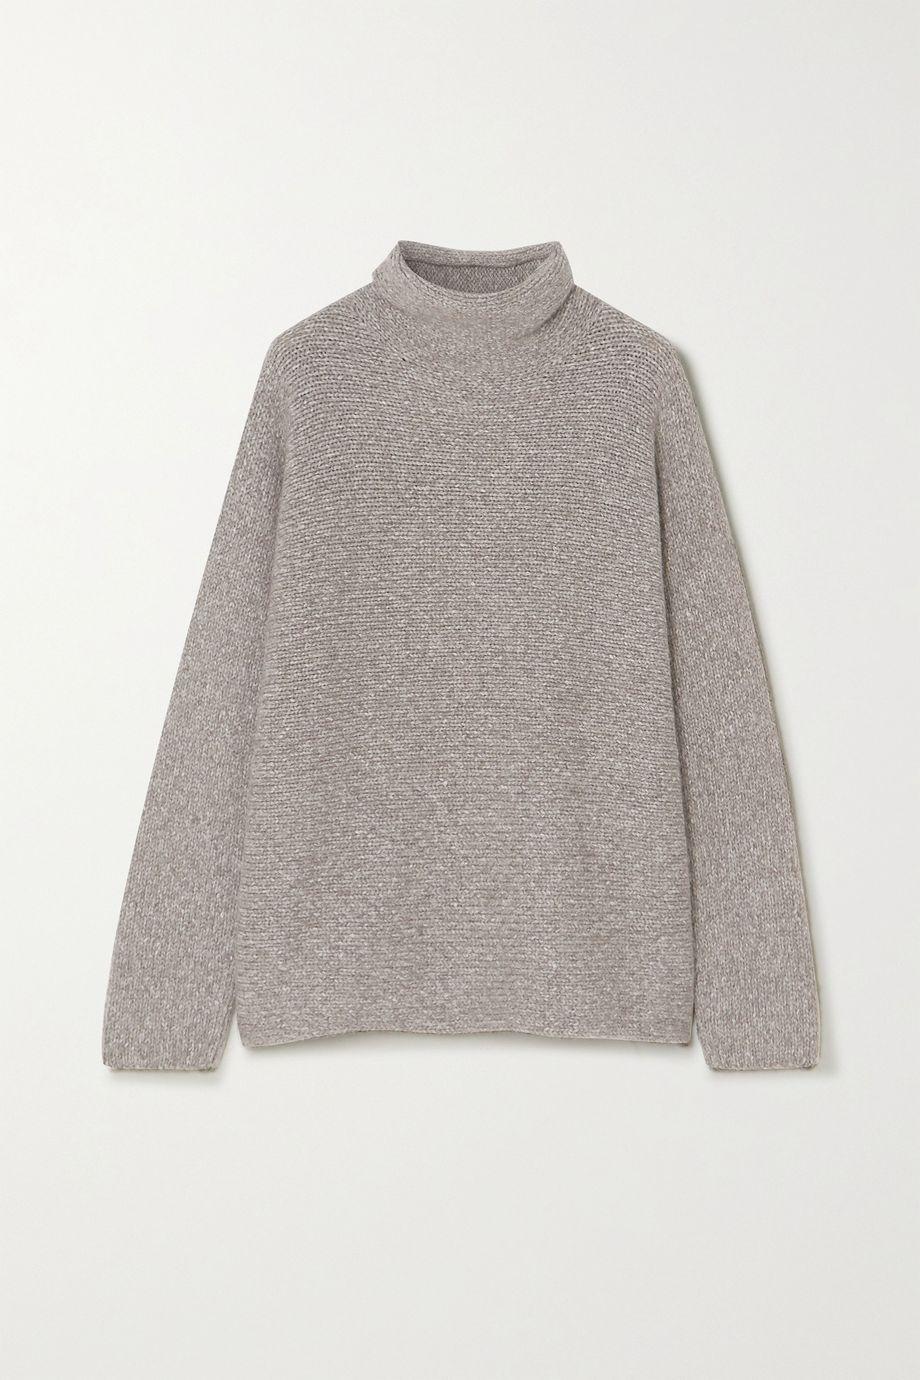 Lauren Manoogian Alpaca and organic cotton-blend turtleneck sweater